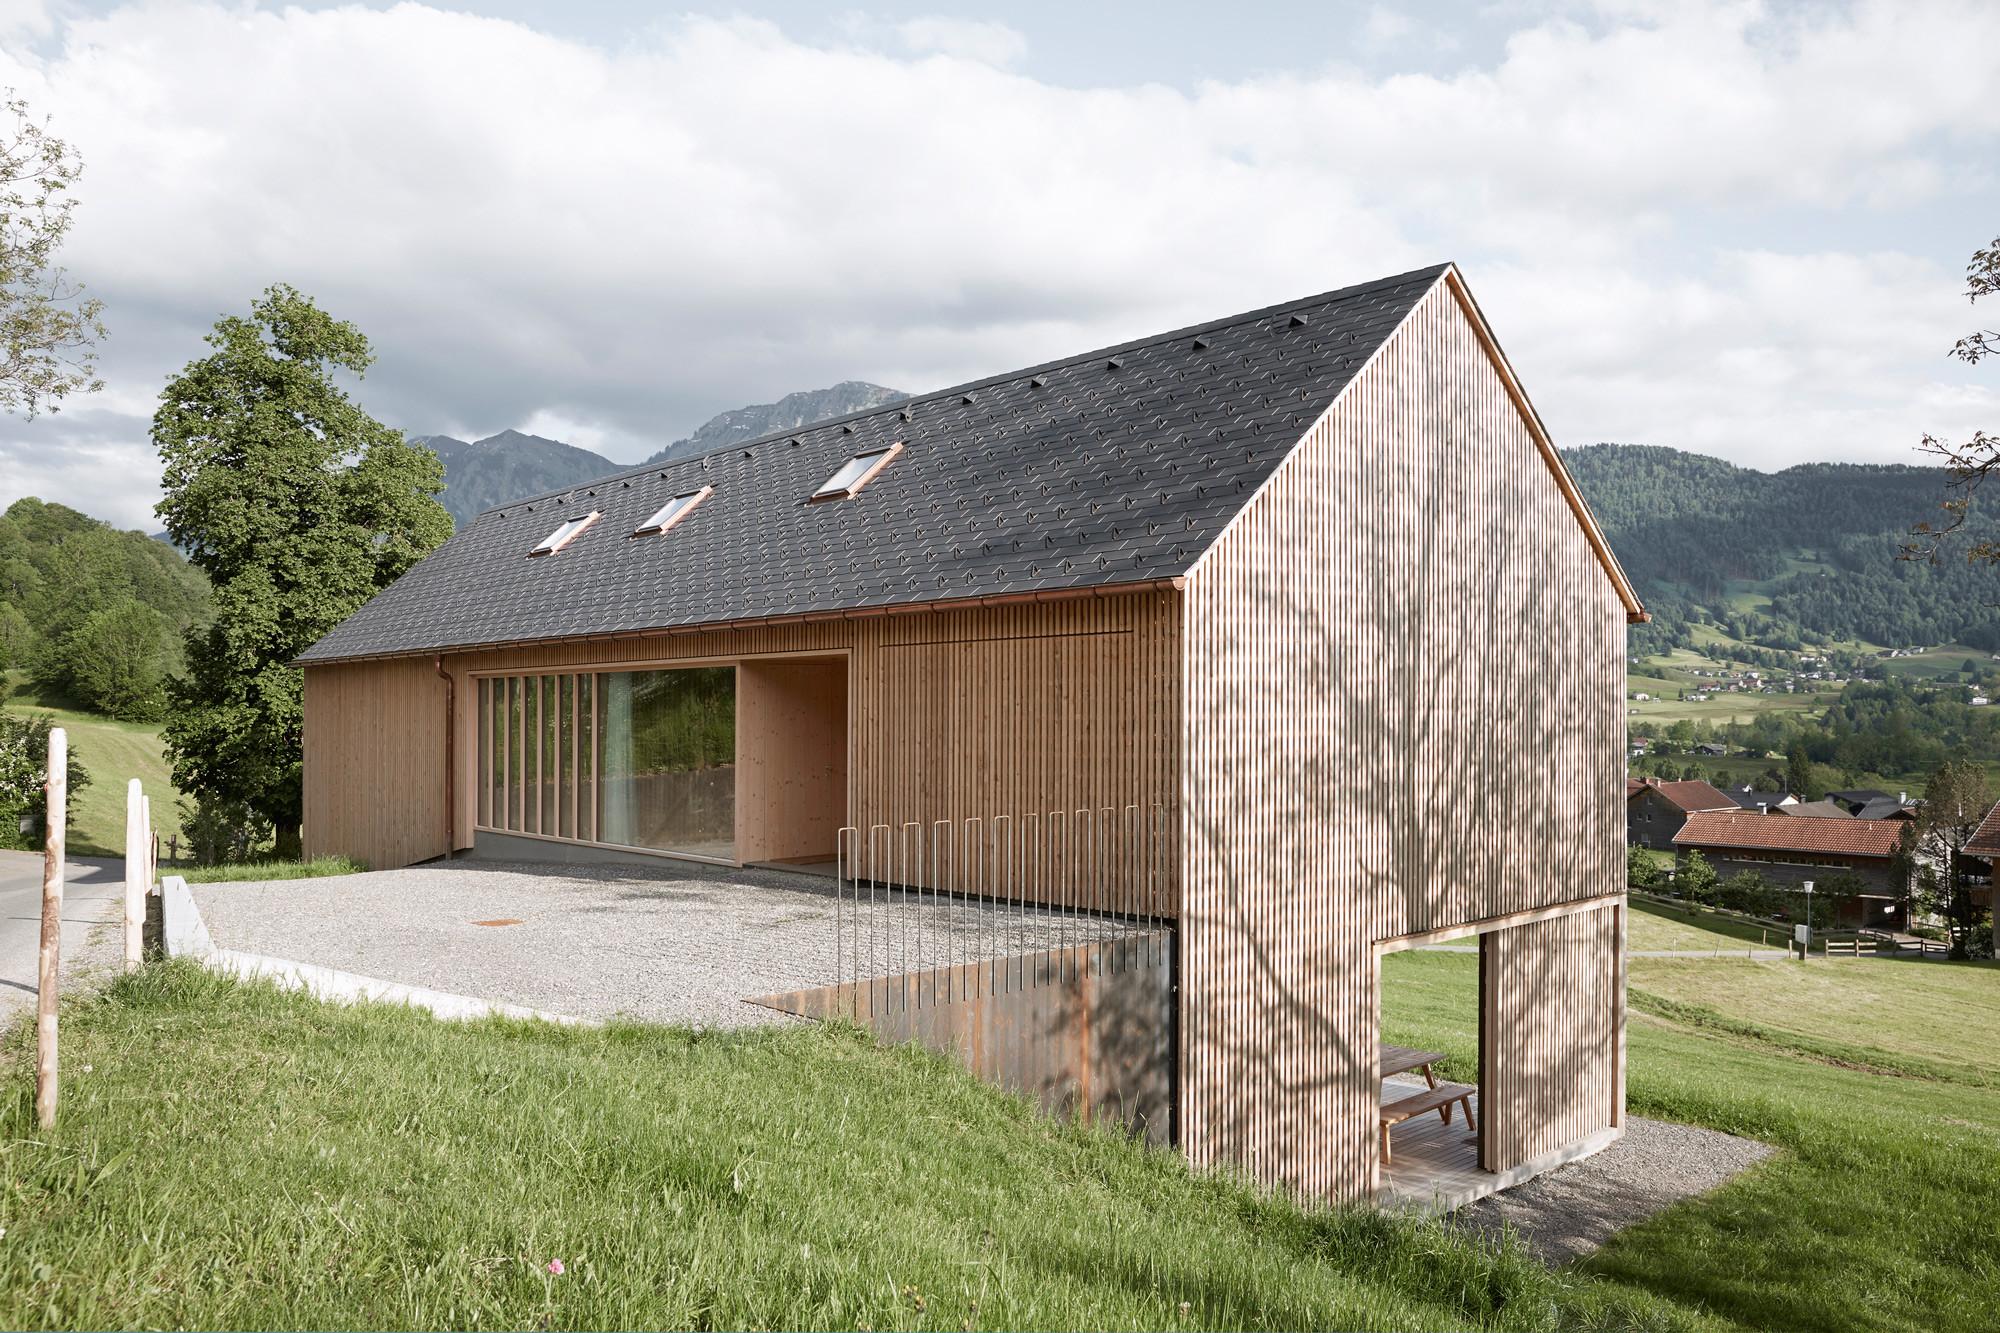 Haus Fr Julia Und Bjrn Innauermatt Architekten With Haus Satteldach.  Excellent Moderne Wohnhuser ...